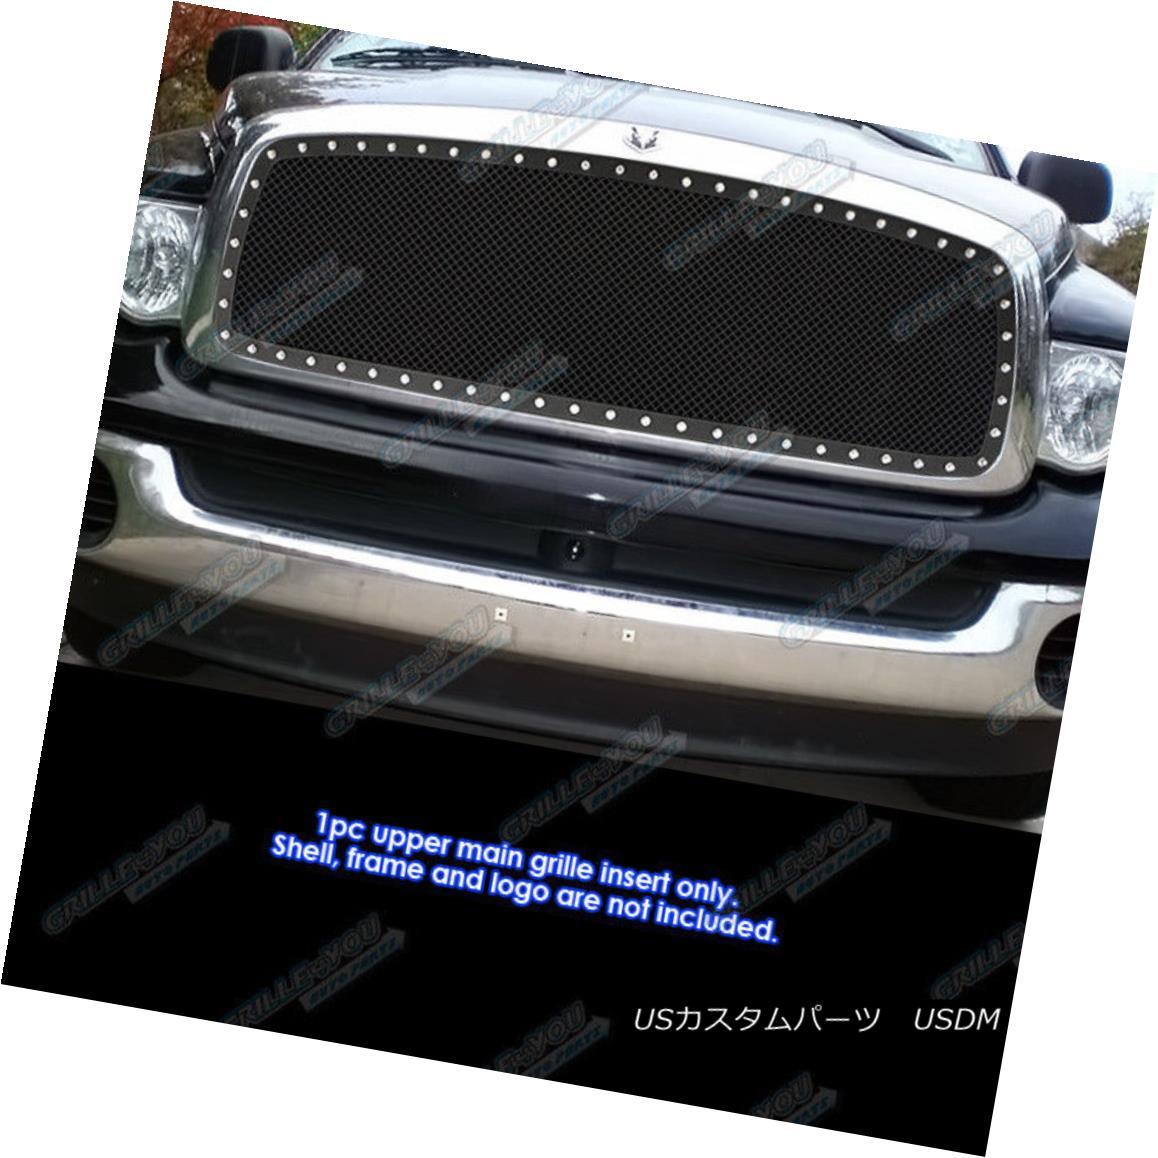 グリル For 2002-2005 Dodge Ram Black Stainless Steel Mesh Grille Grill Insert 2002-2005年ダッジラムブラックステンレスメッシュグリルグリルインサート